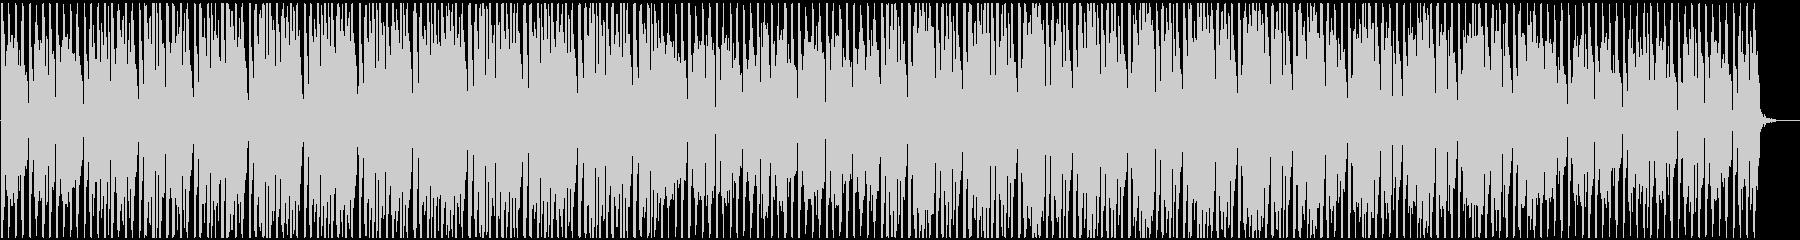 明るく軽快でトロピカルなポップスBGMの未再生の波形